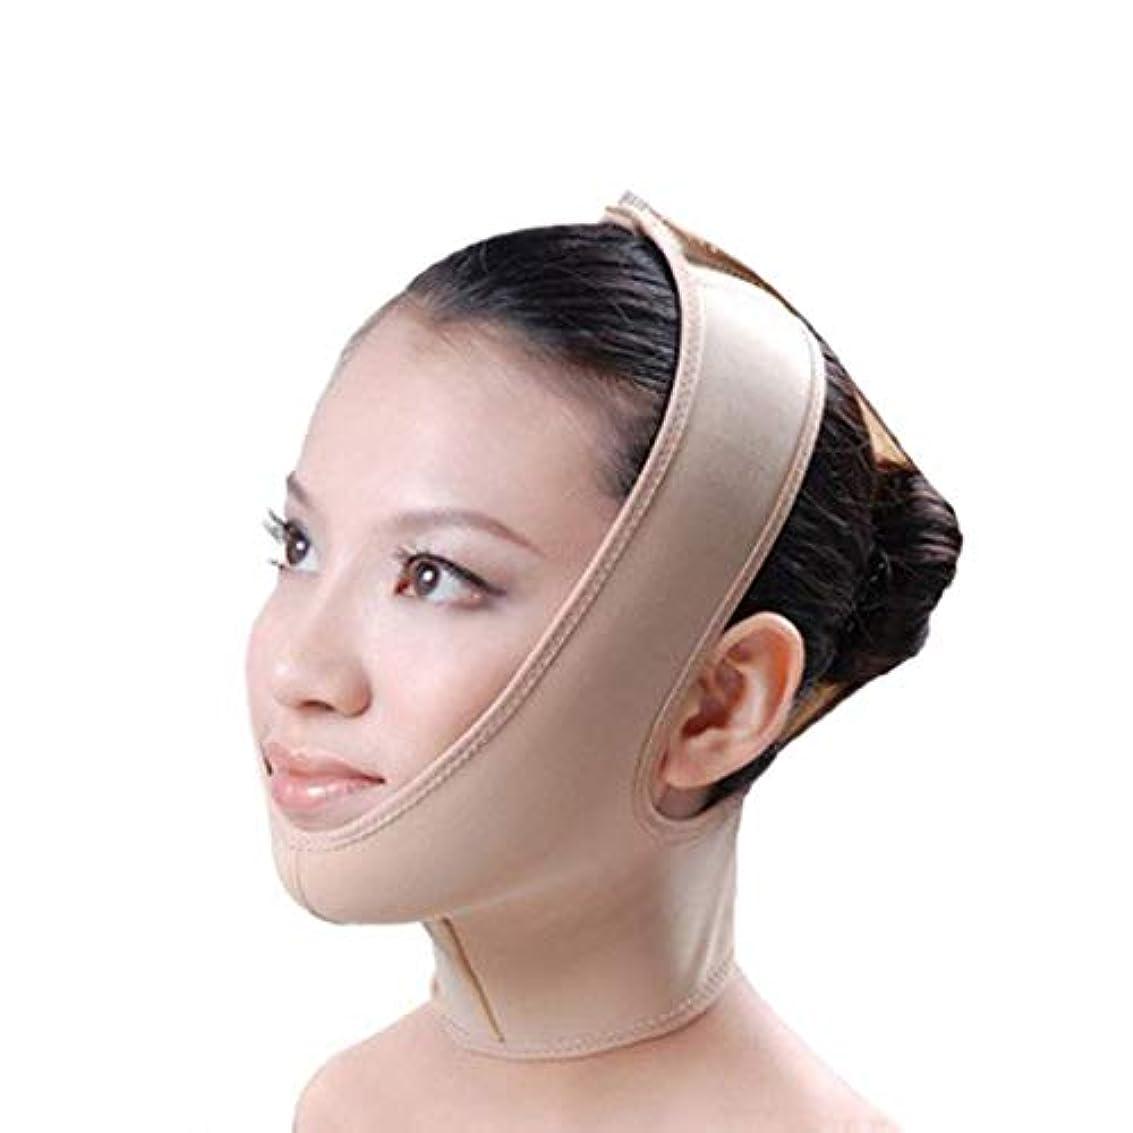 トラフィック差別足音フェイススリム、リフティングマスク、包帯リフト、二重あご、引き締めフェイシャルリフト、フェイシャル減量マスク、リフティングスキン包帯(サイズ:XL),S